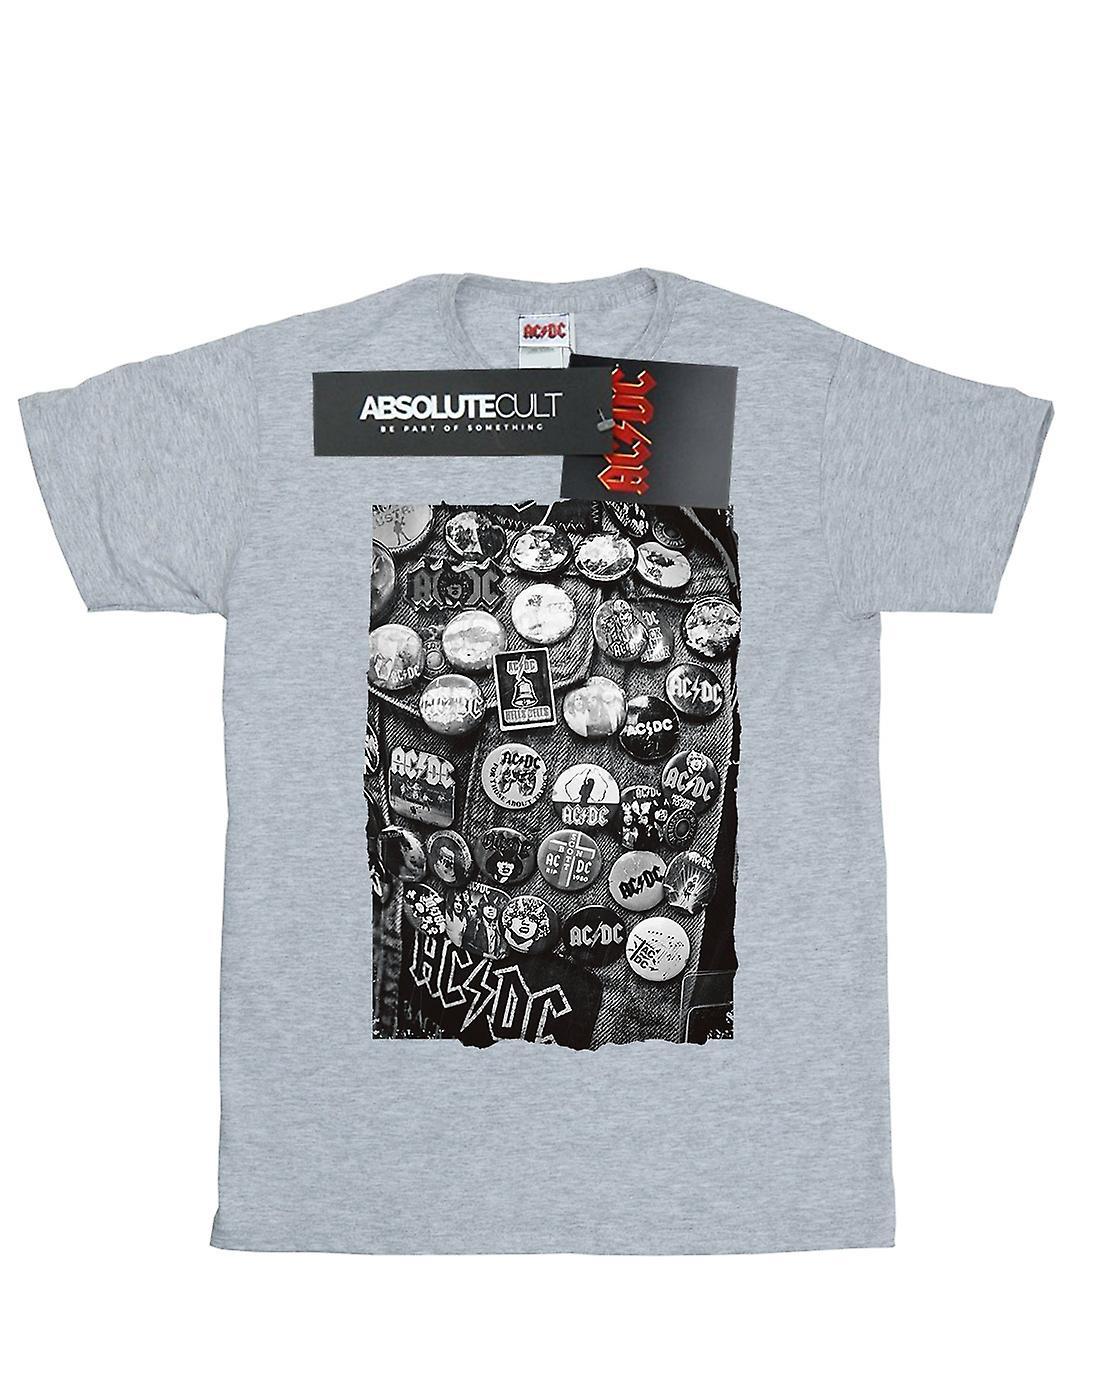 AC/DC pojkar emblem samling T-Shirt